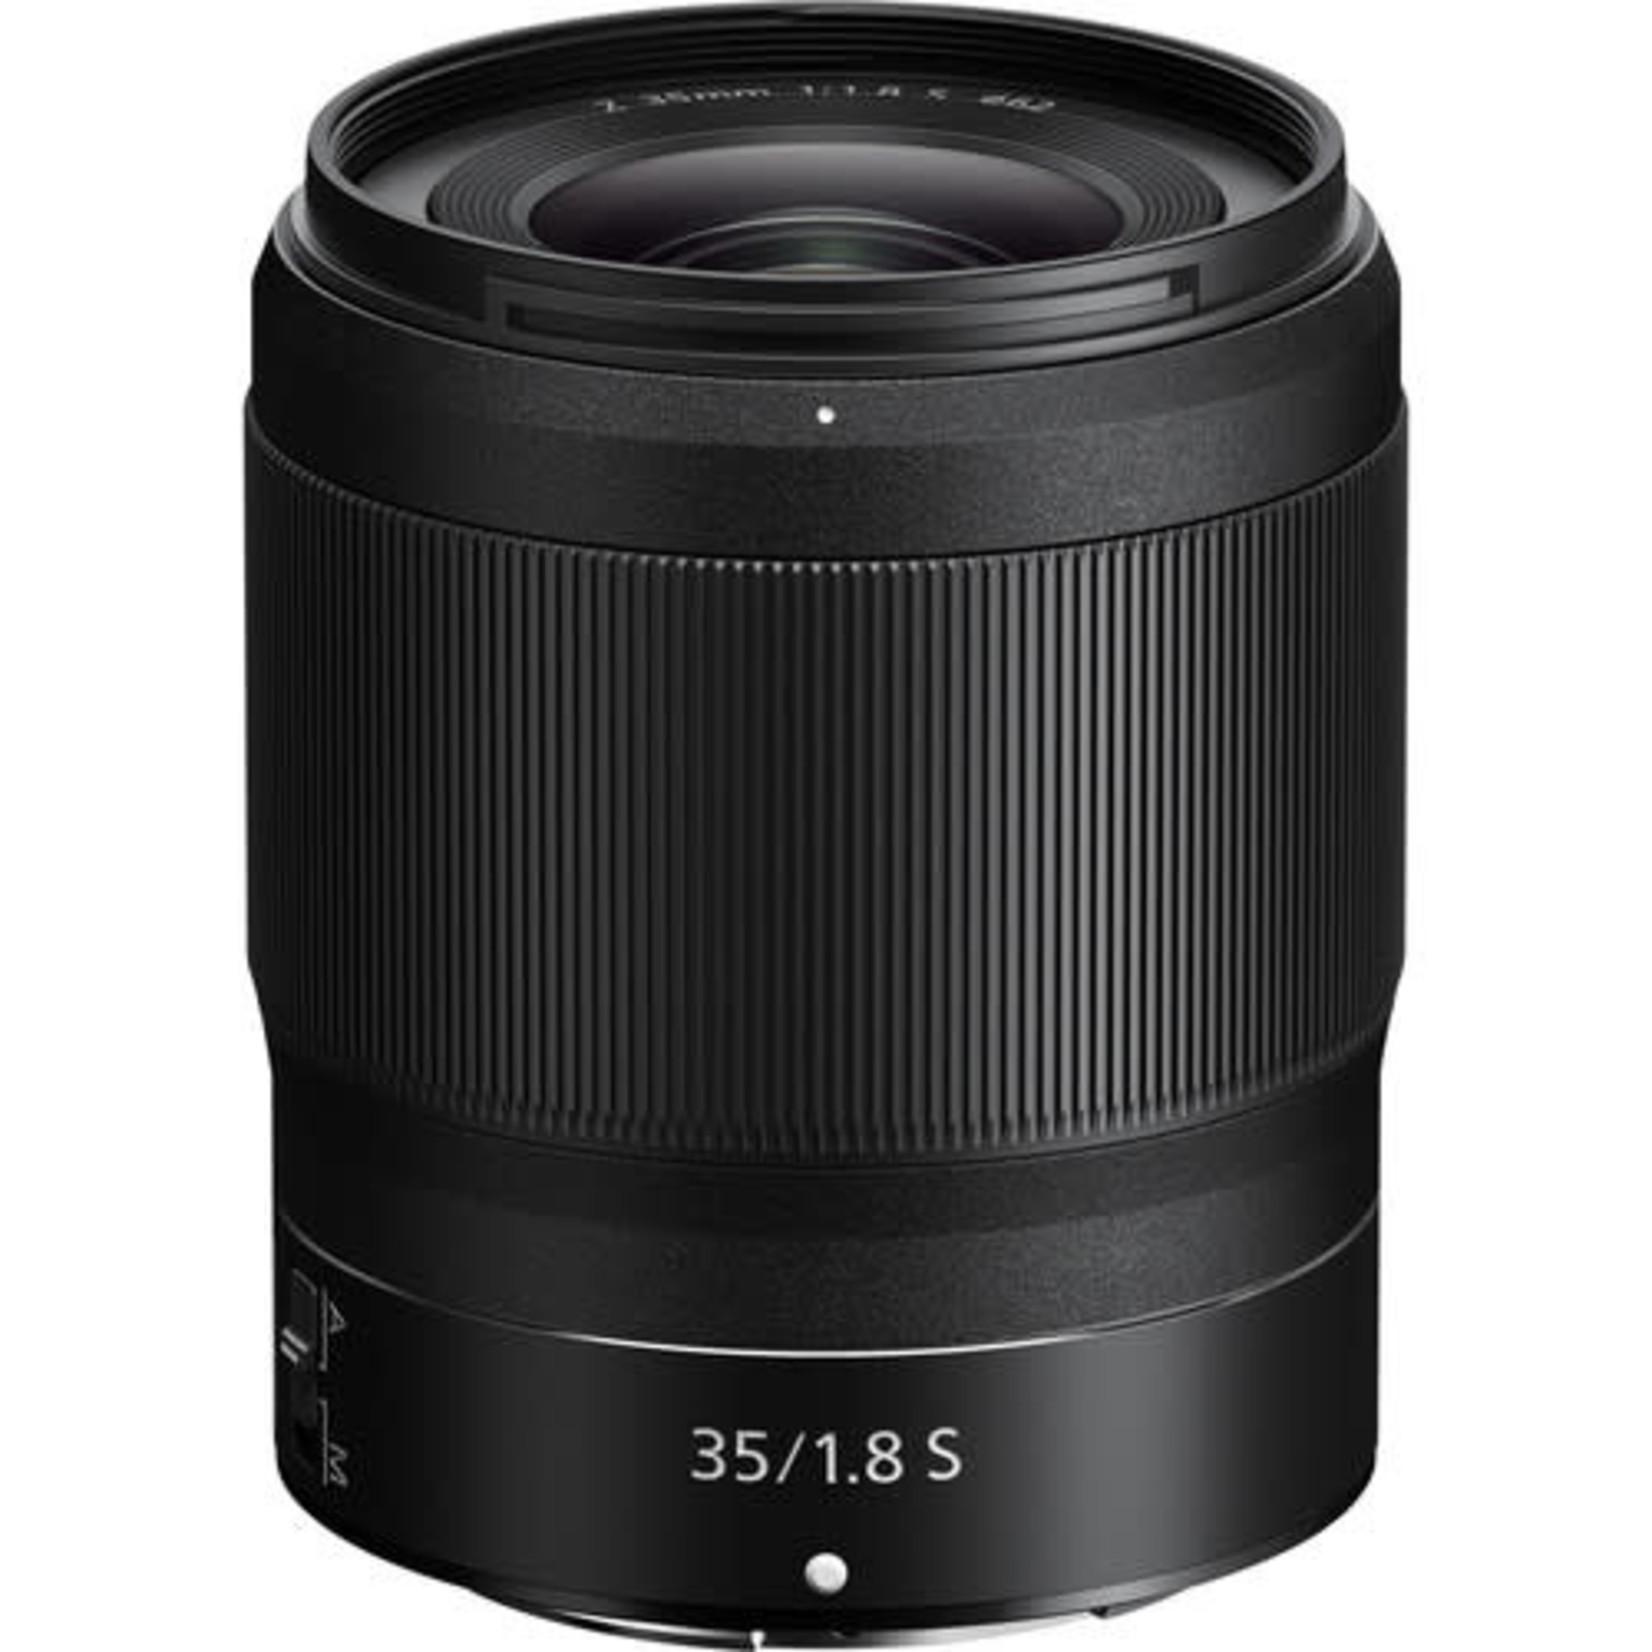 Nikon Nikon NIKKOR Z 35mm f/1.8 S Lens